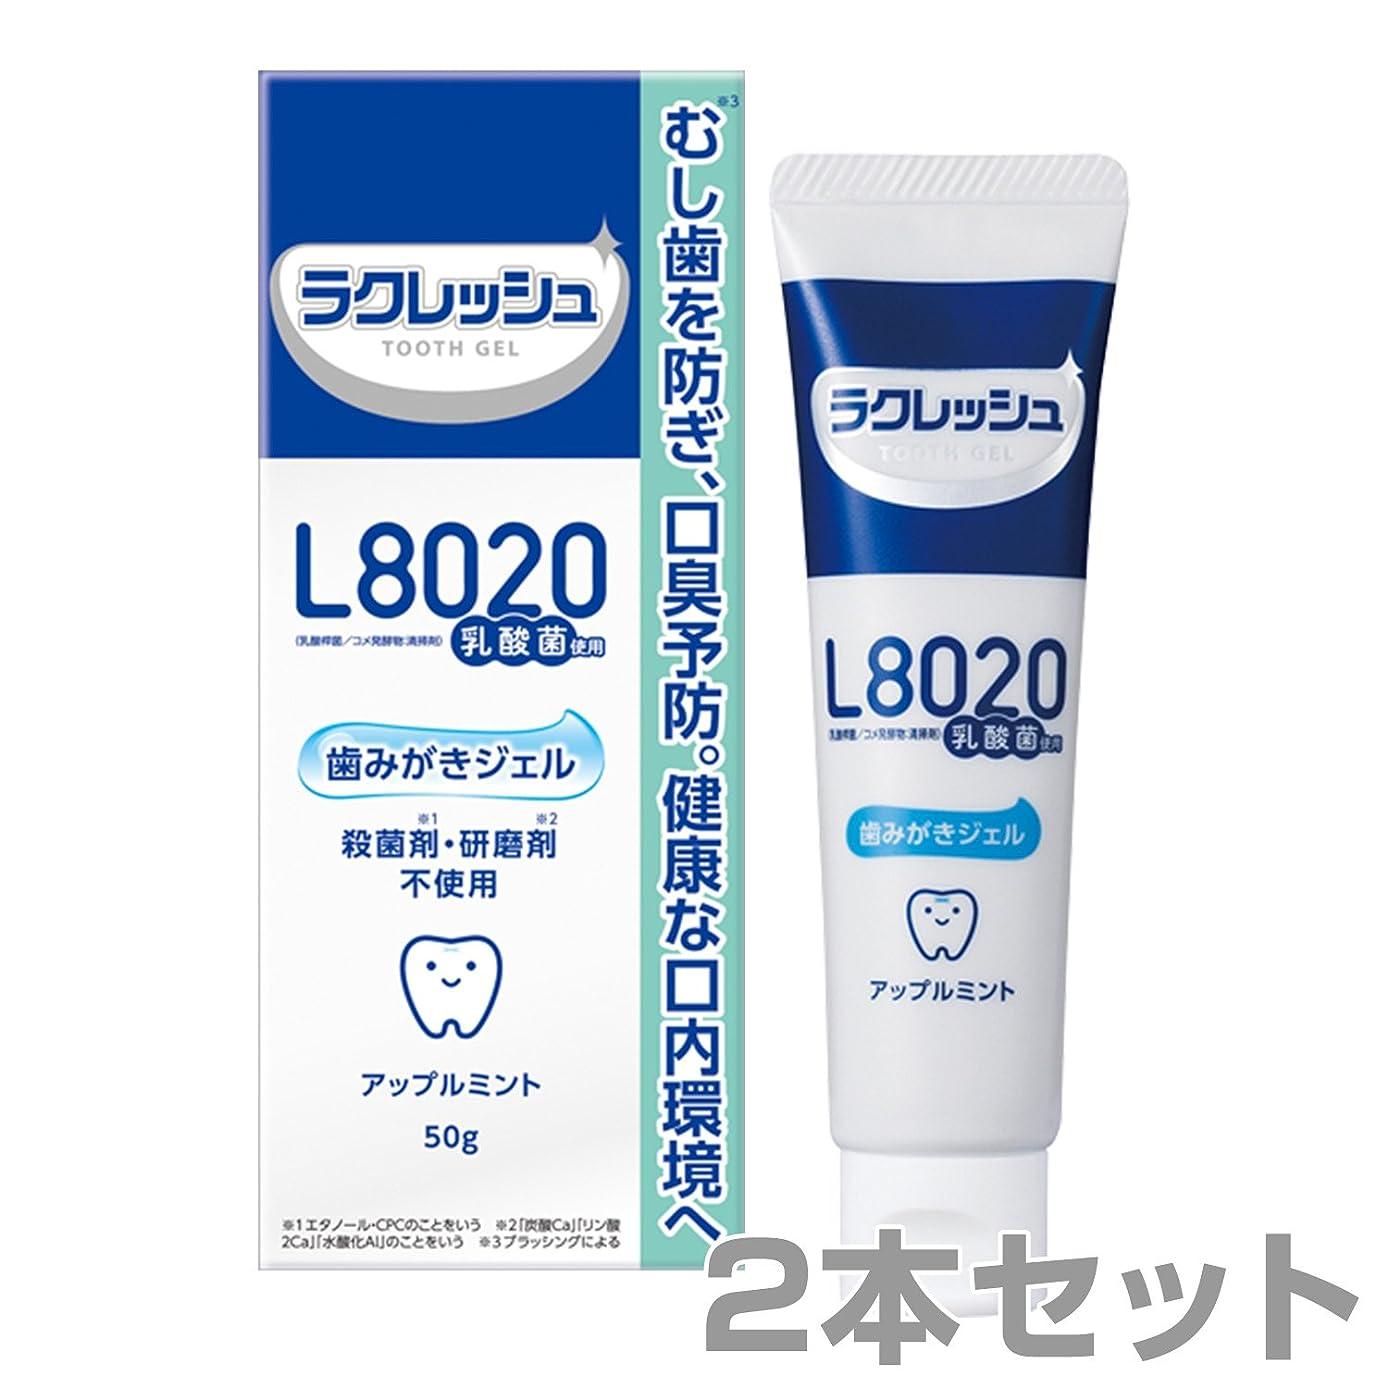 敵意キャリア勝つジェクス(JEX) ラクレッシュ L8020 乳酸菌 歯みがきジェル (50g) 2本セット アップルミント風味